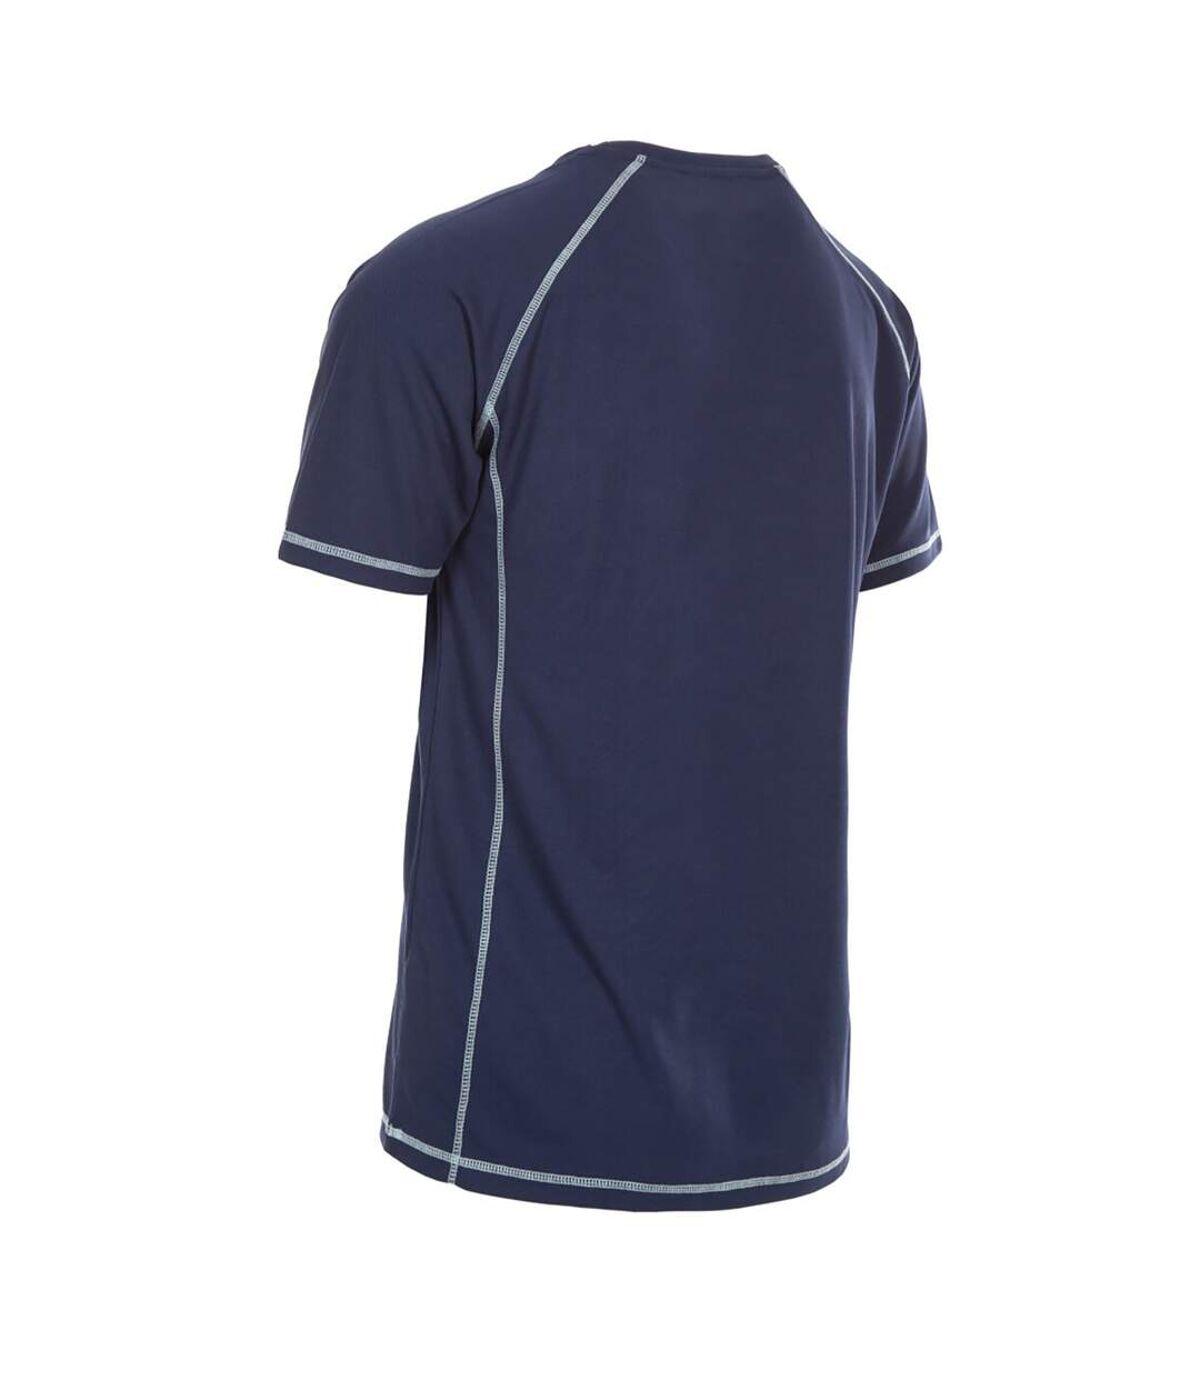 Trespass - T-shirt de sport ALBERT - Homme (Jaune vif) - UTTP4489